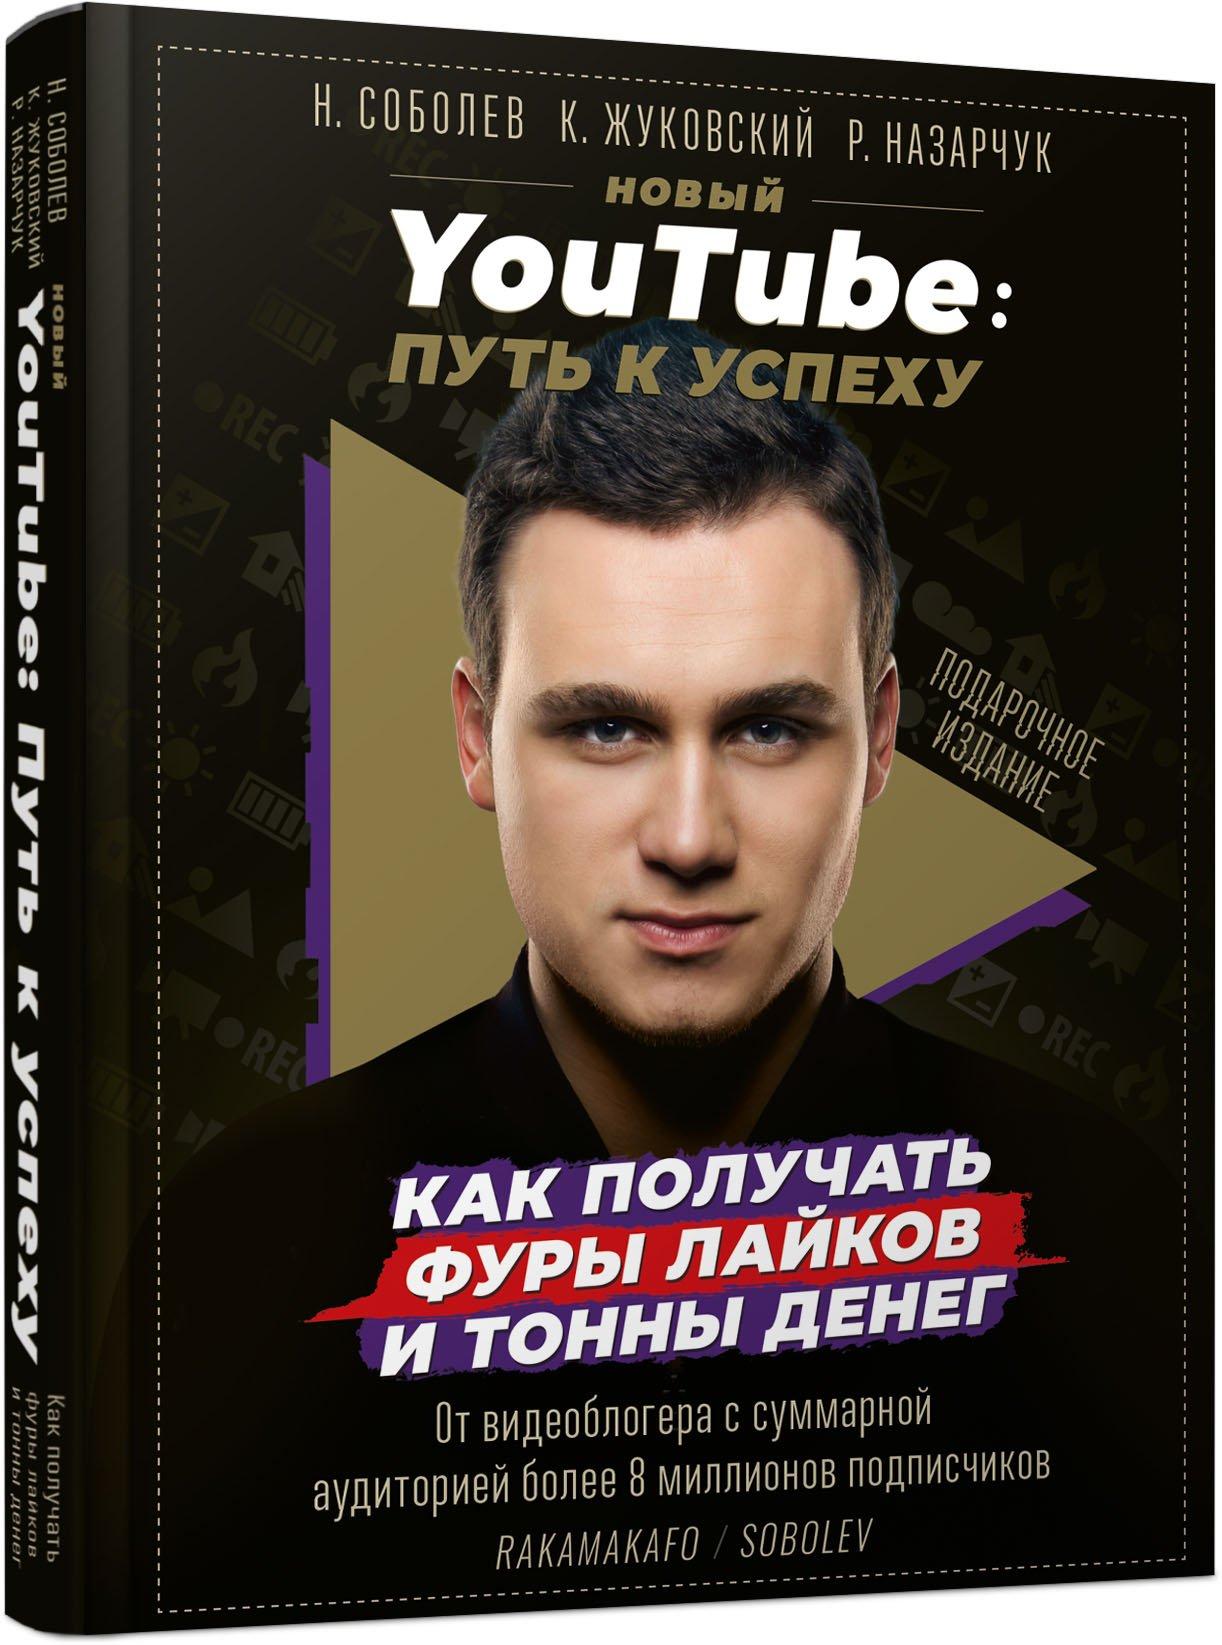 Николай Соболев Новый YouTube: путь к успеху. Как получать фуры лайков и тонны денег михаил тарасов youtube блог снуля до1000подписчиков